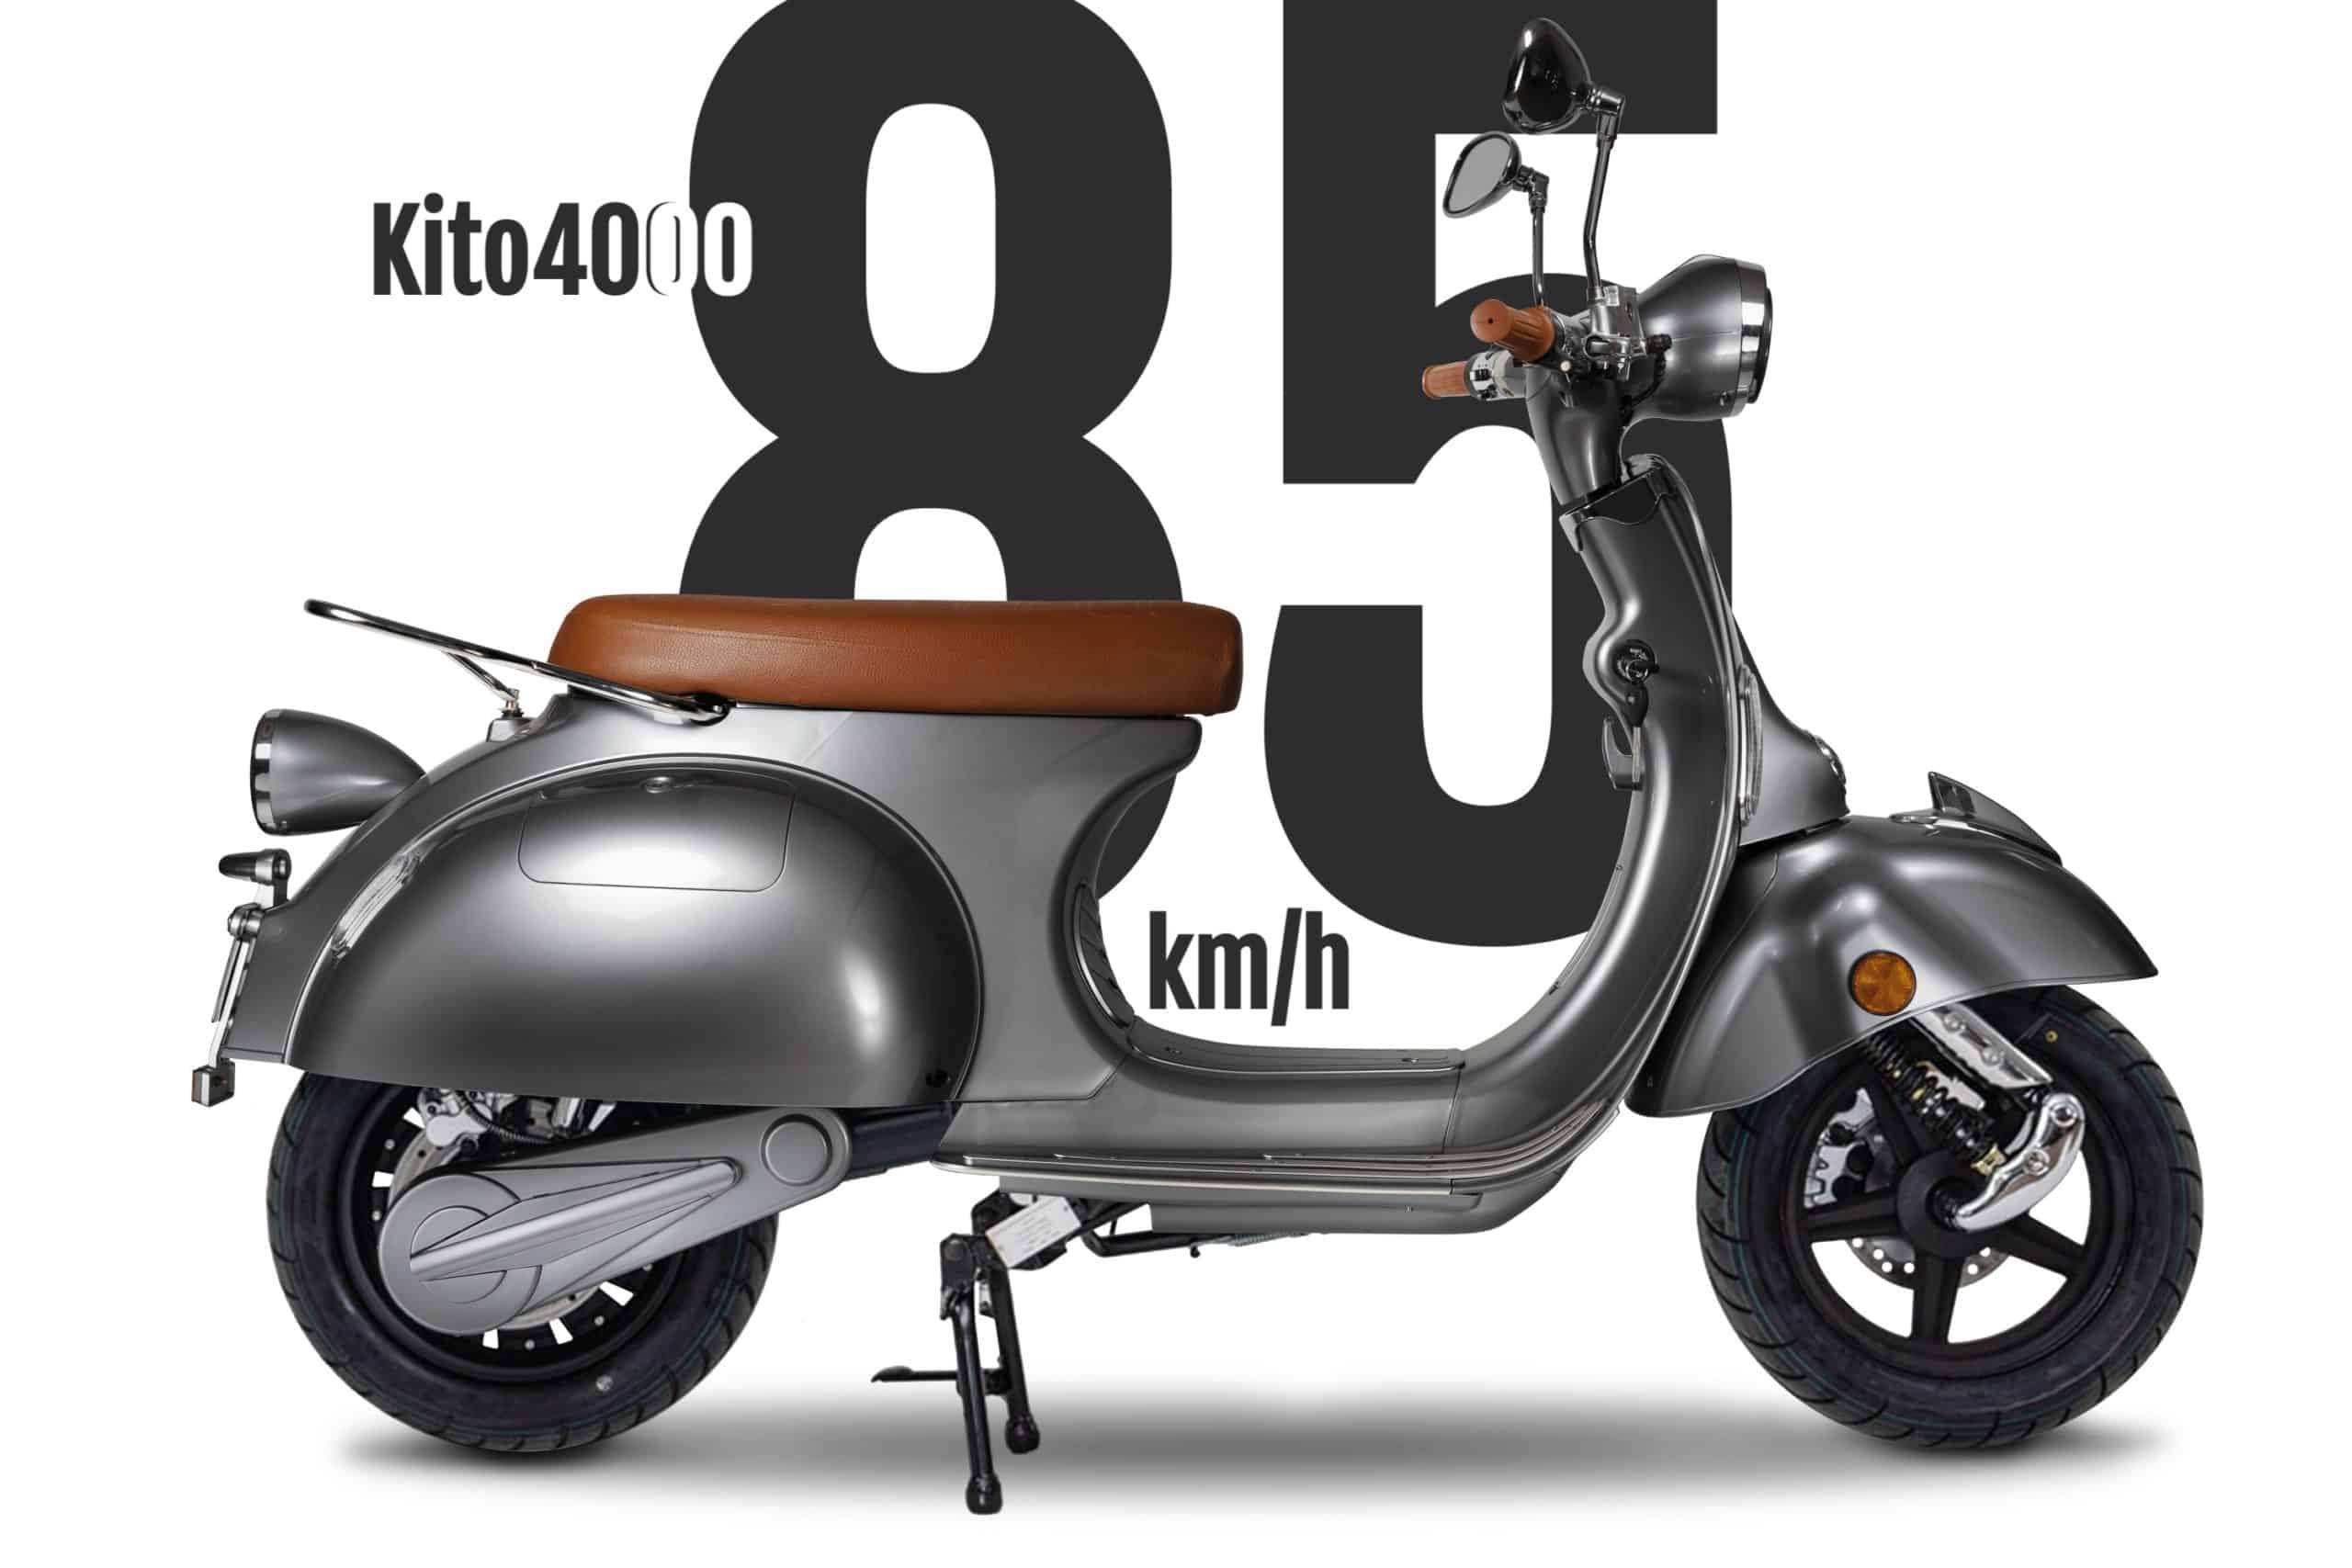 Neuer KITO4000 (85km/h) ab sofort bestellbar in 7 verschiedenen Farben.